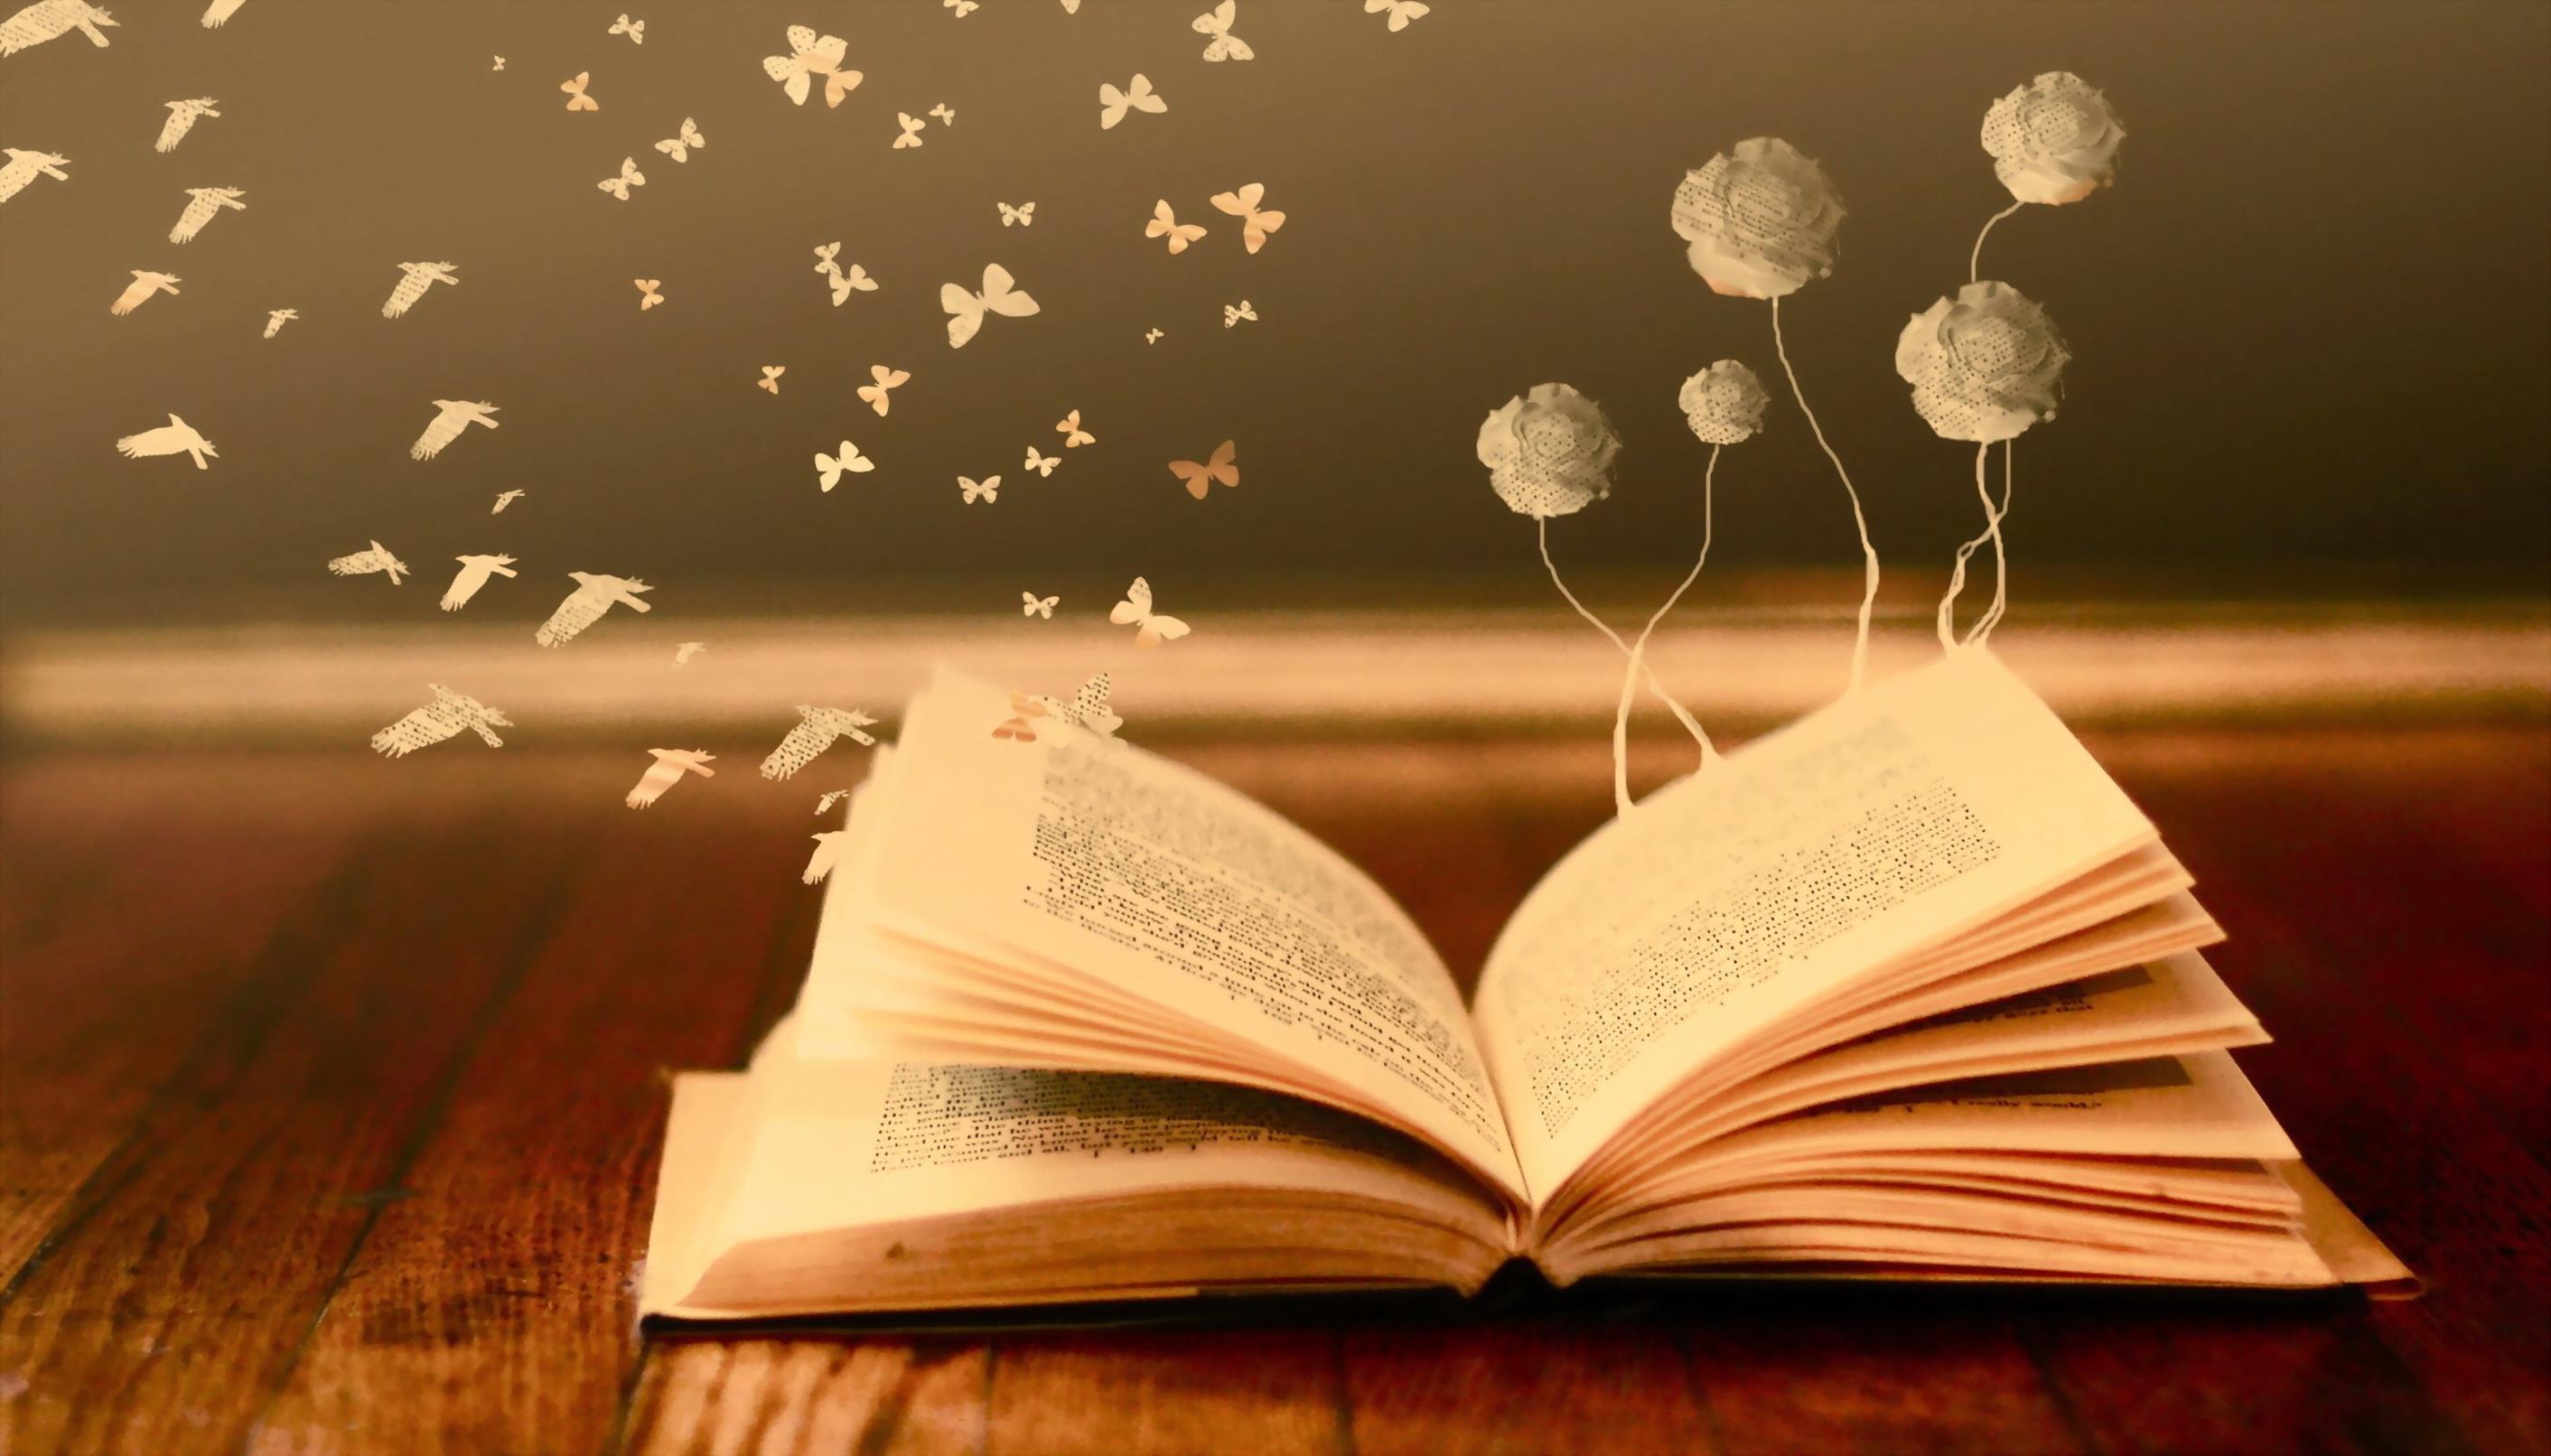 خاتمة عن القراءة